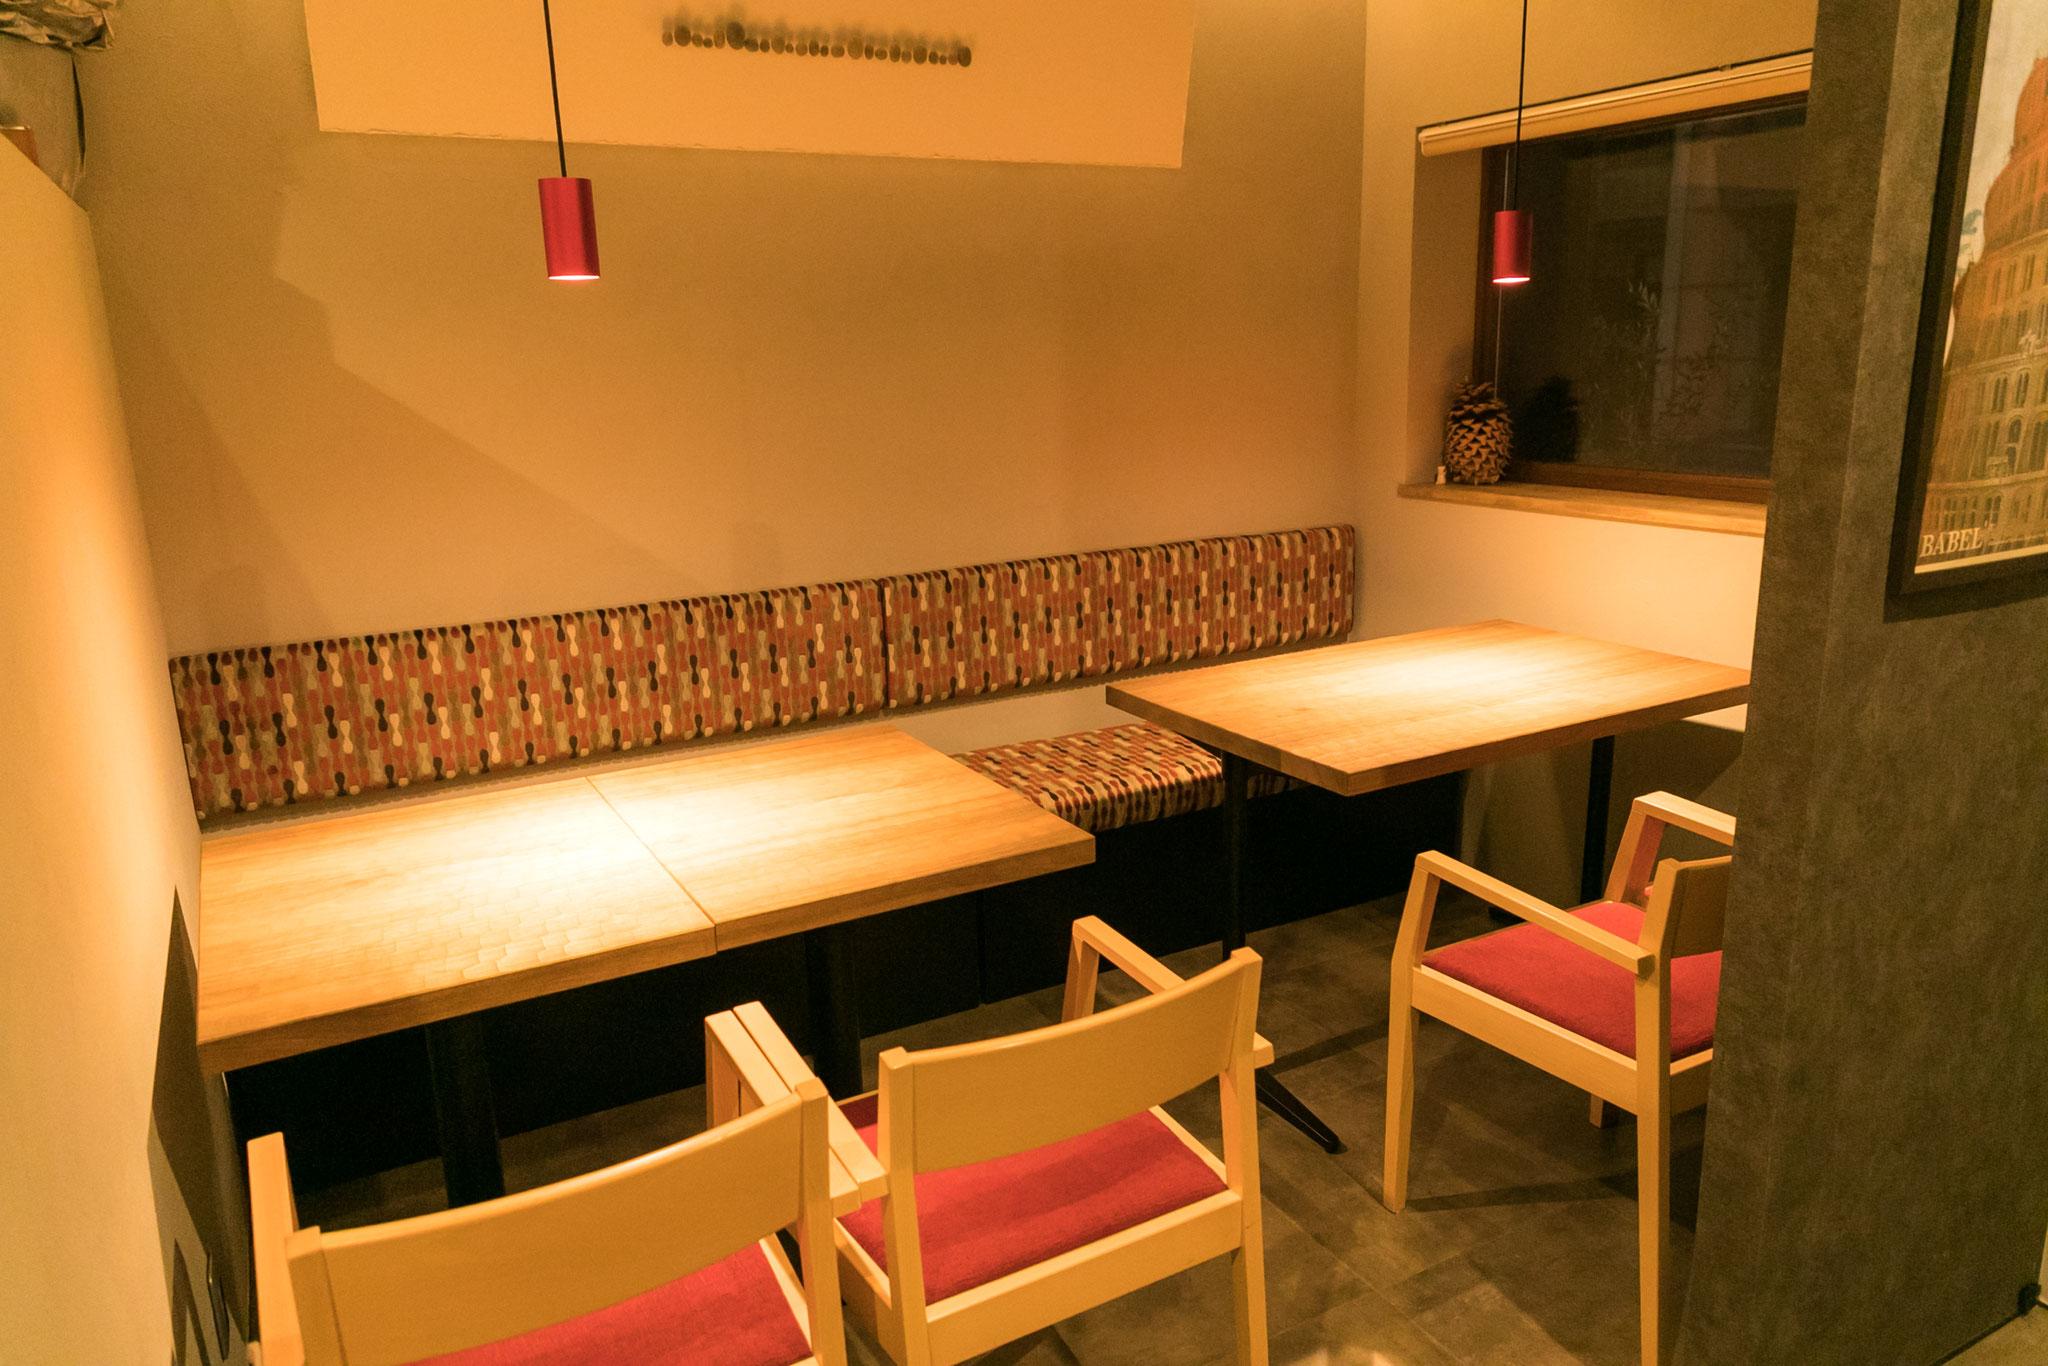 席数はカウンターの7席に加え、手彫りのなぐりテーブルに約8人がお座りになれます。